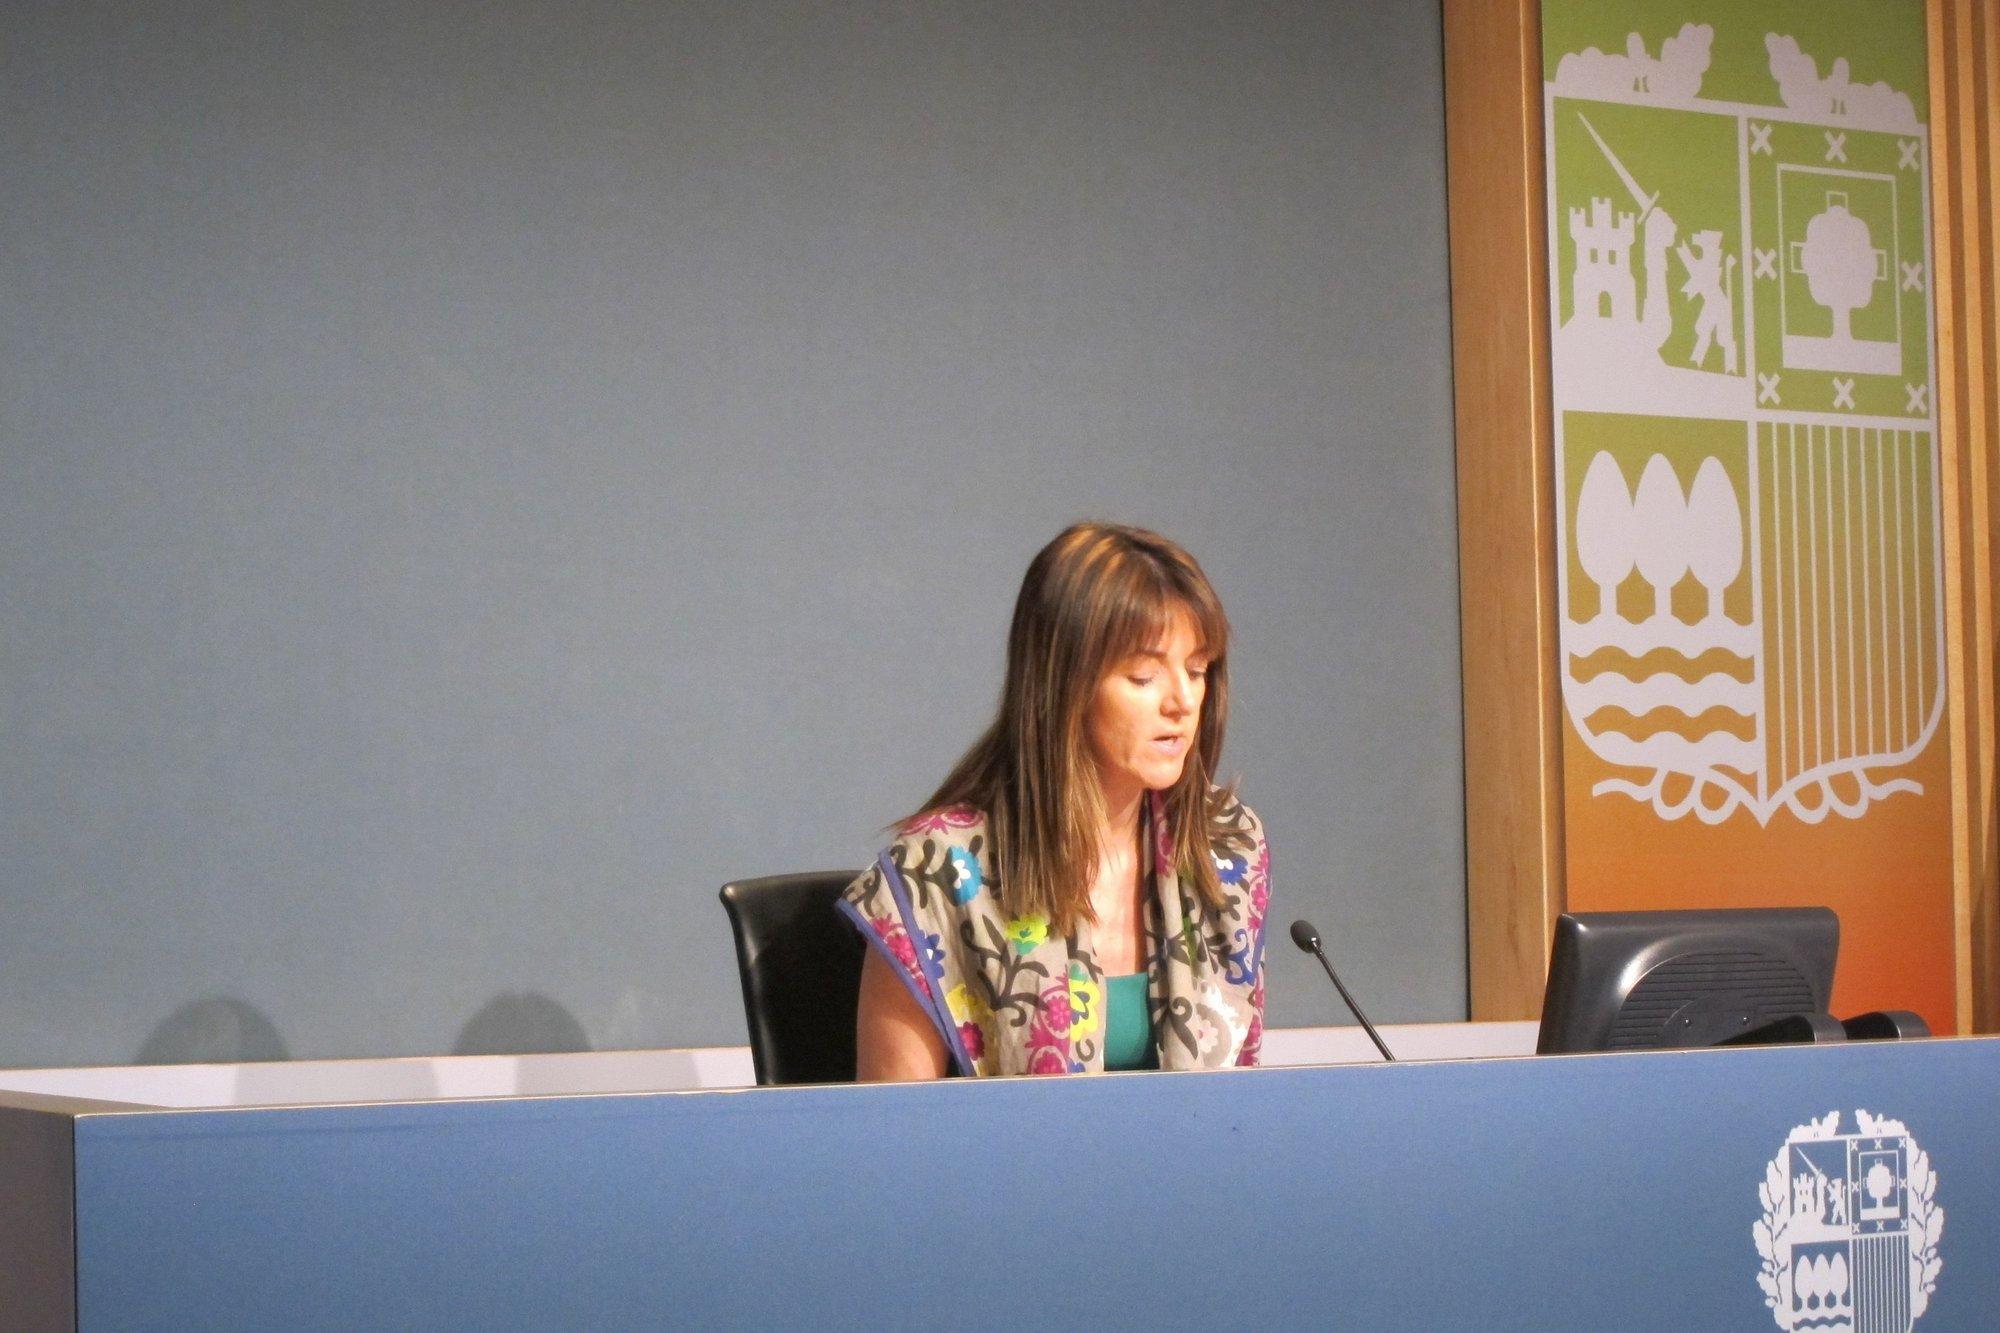 El Gobierno vasco dice que los partidos «deben trabajar y trabajan» en exigir la desaparición «definitiva» de ETA